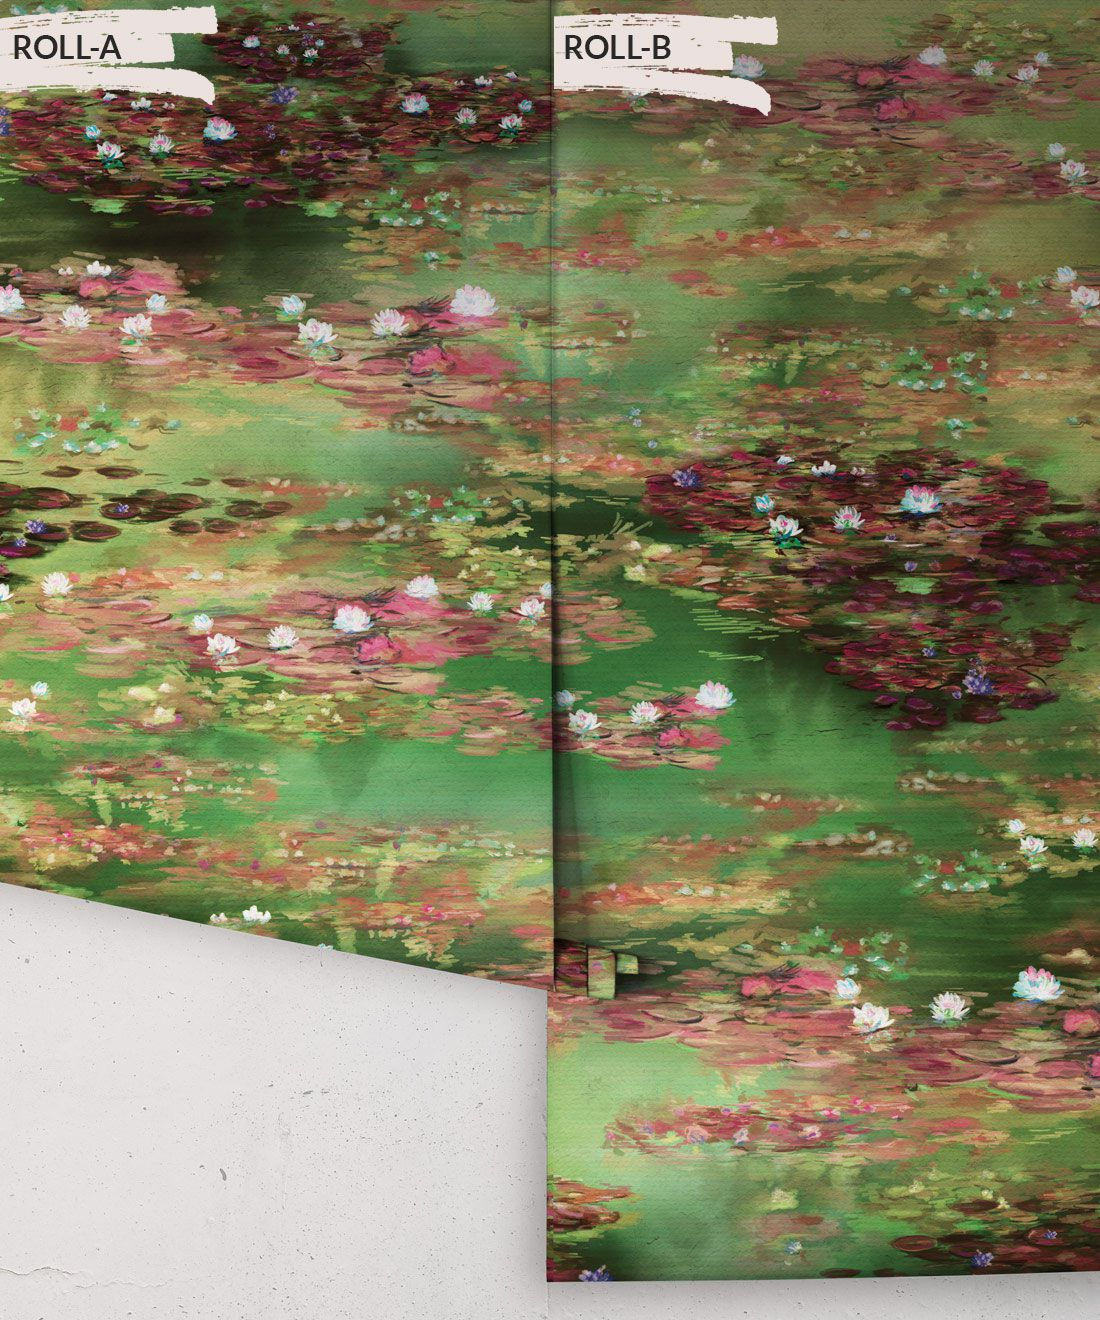 Water Lillies Wallpaper •Abstract Wallpaper • Dreamy Wallpaper • Green Fairy Wallpaper •Rolls